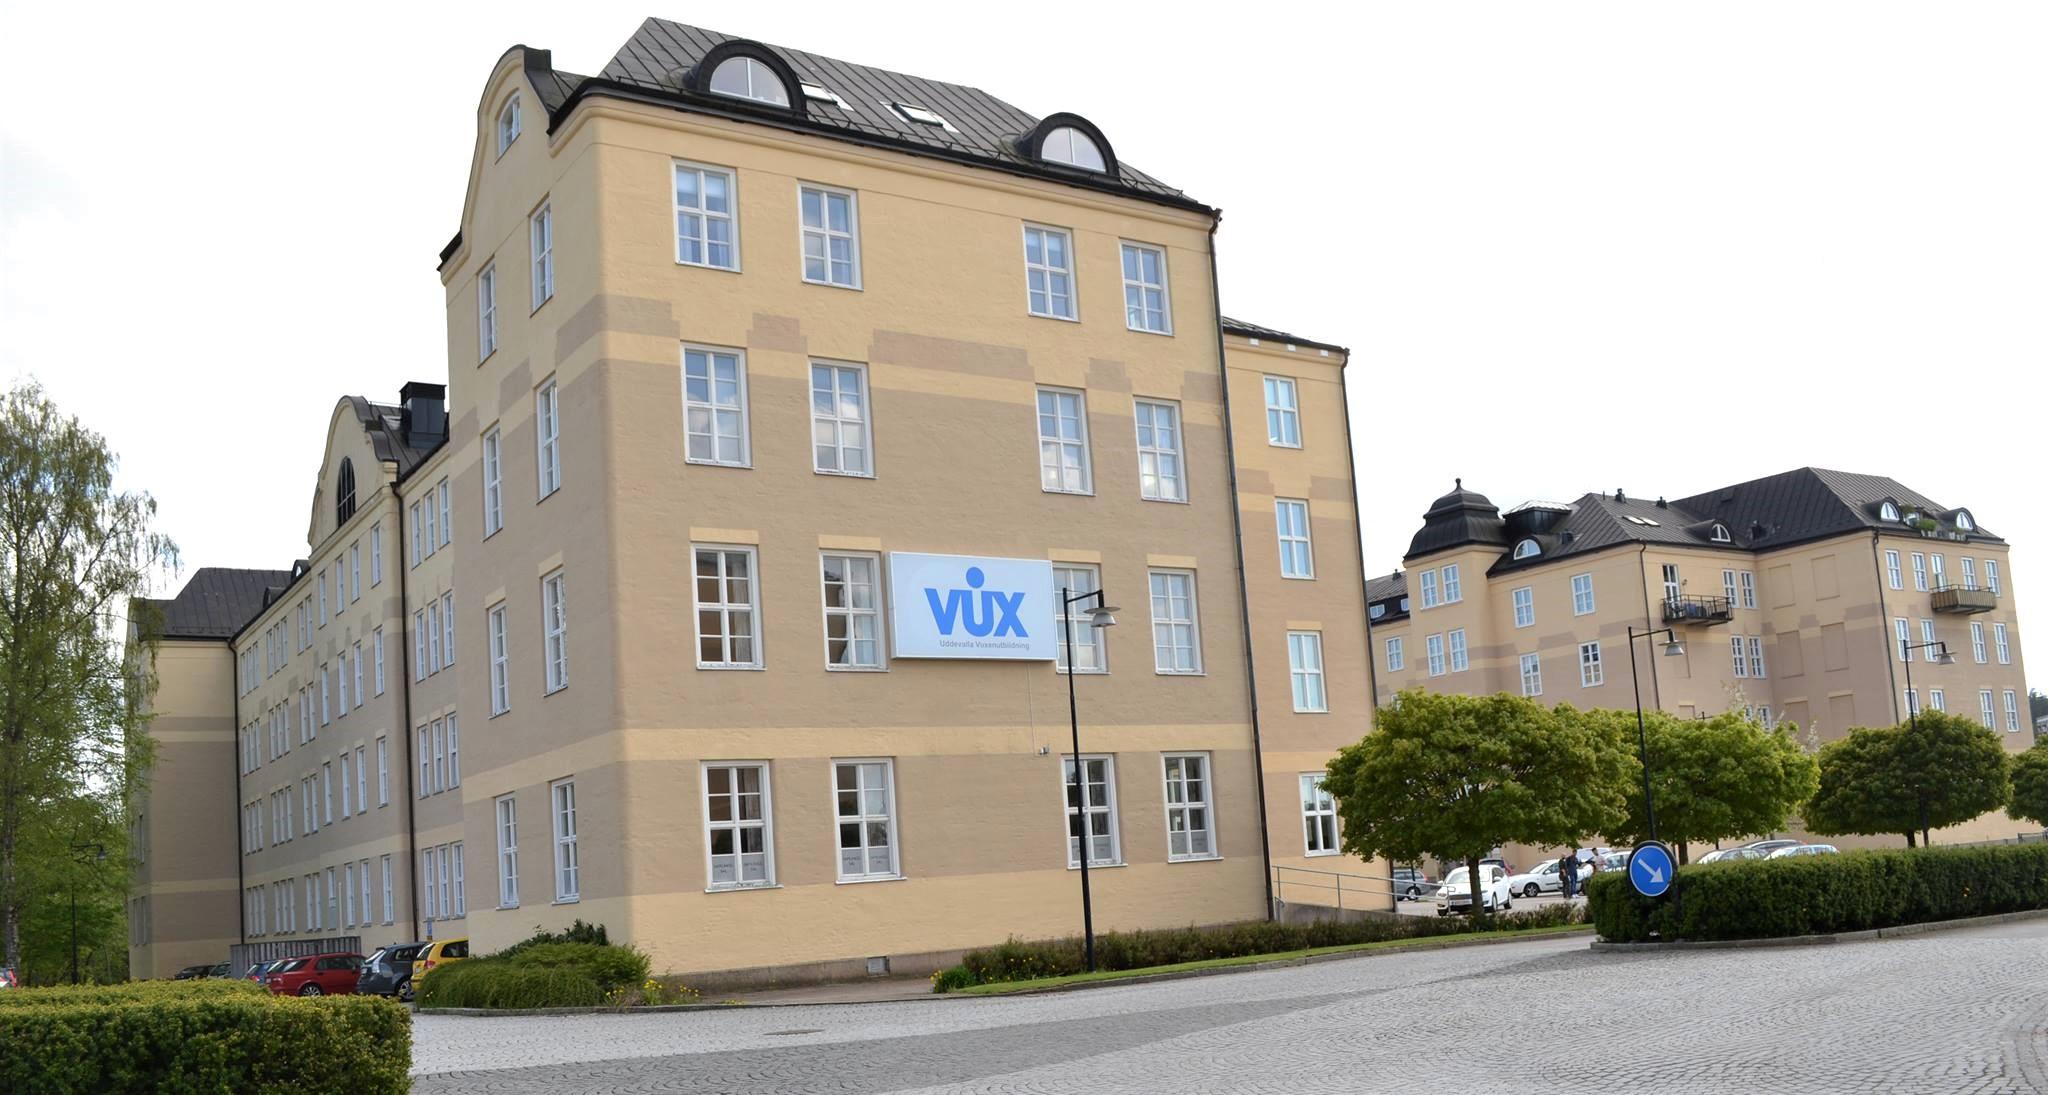 VUX-huset i Uddevalla